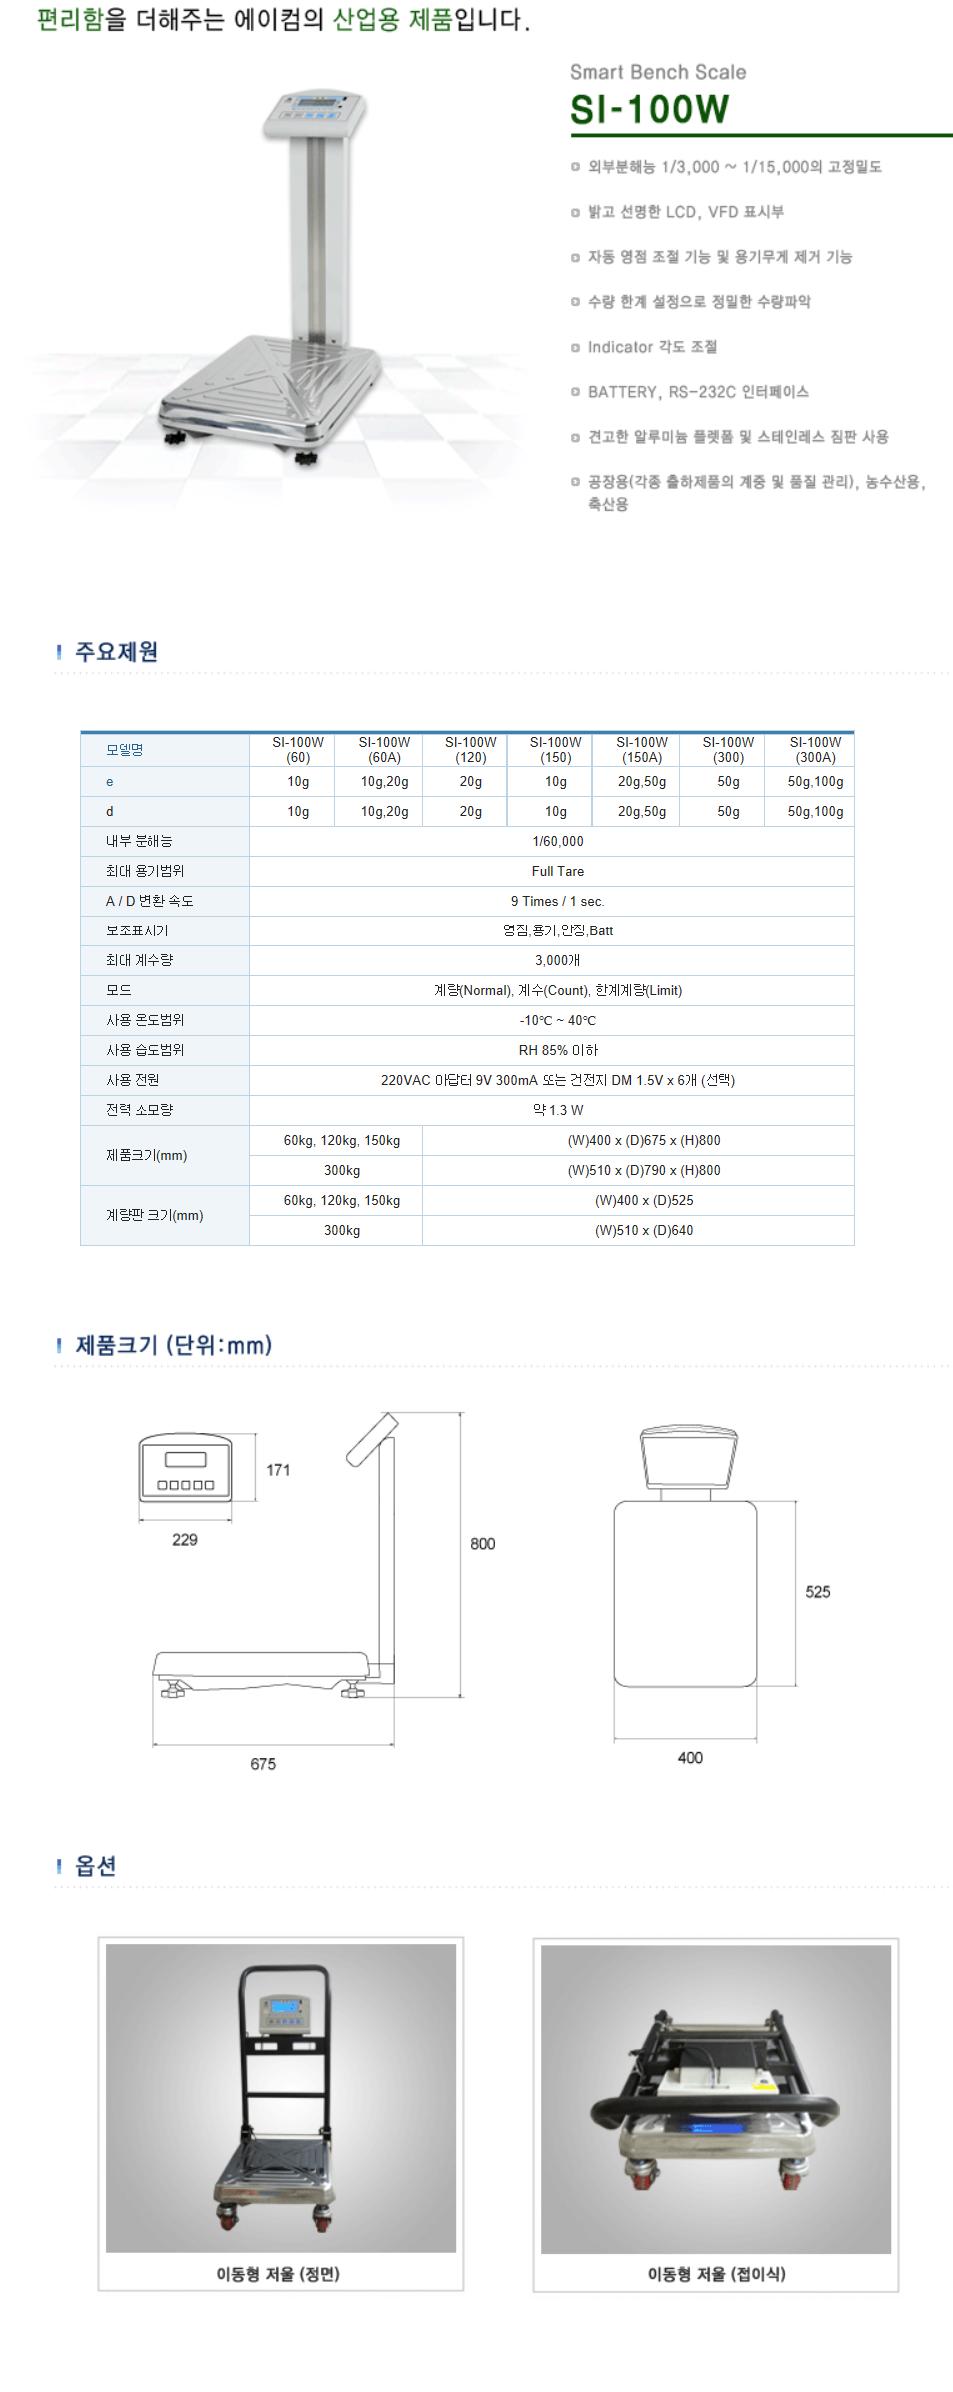 (주)에이컴 Smart Bench Scale SI-100W 1